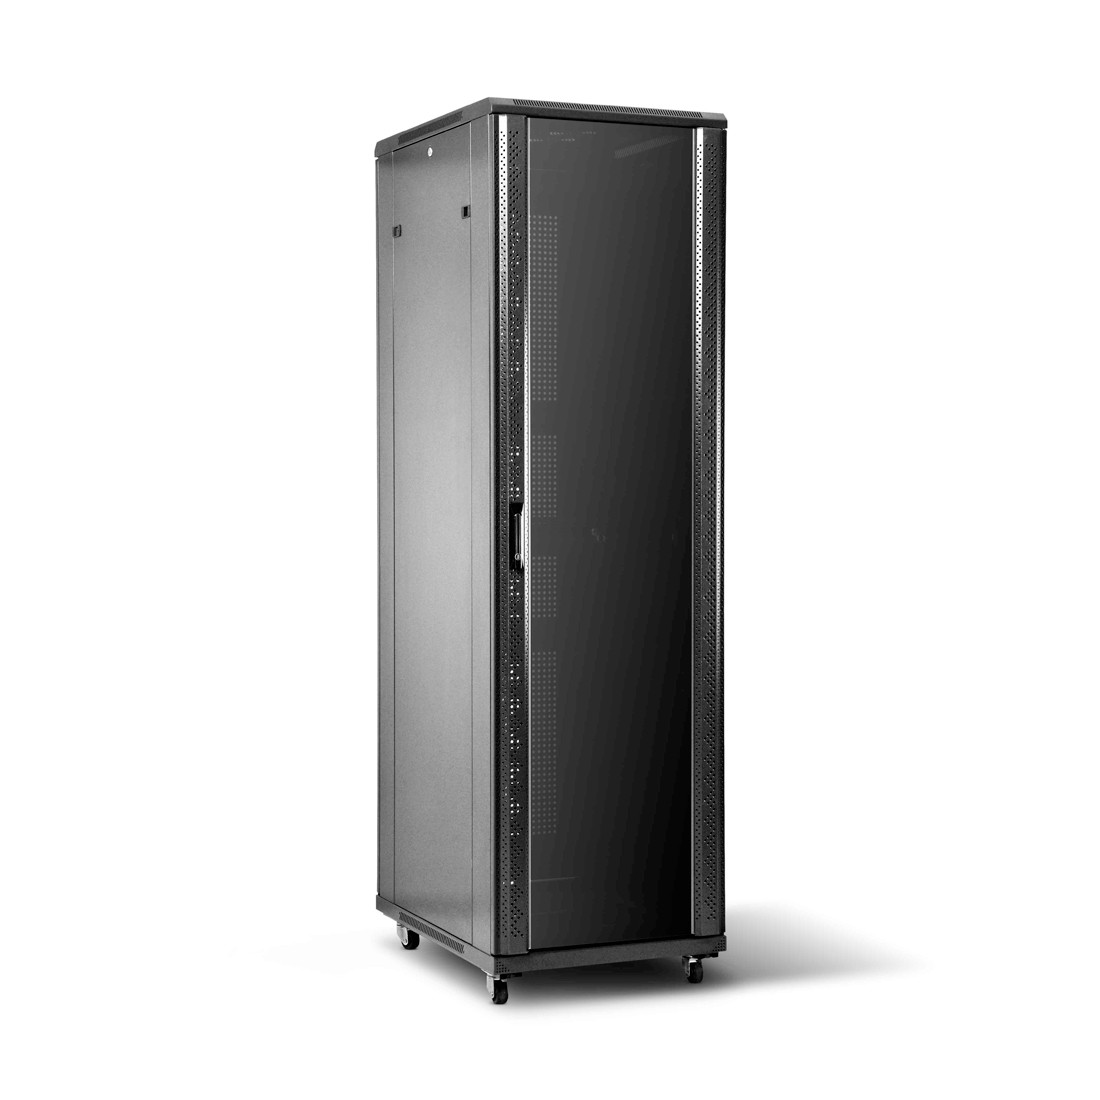 Шкаф серверный напольный SHIP 601S.6842.24.100 42U 600*800*2000 мм